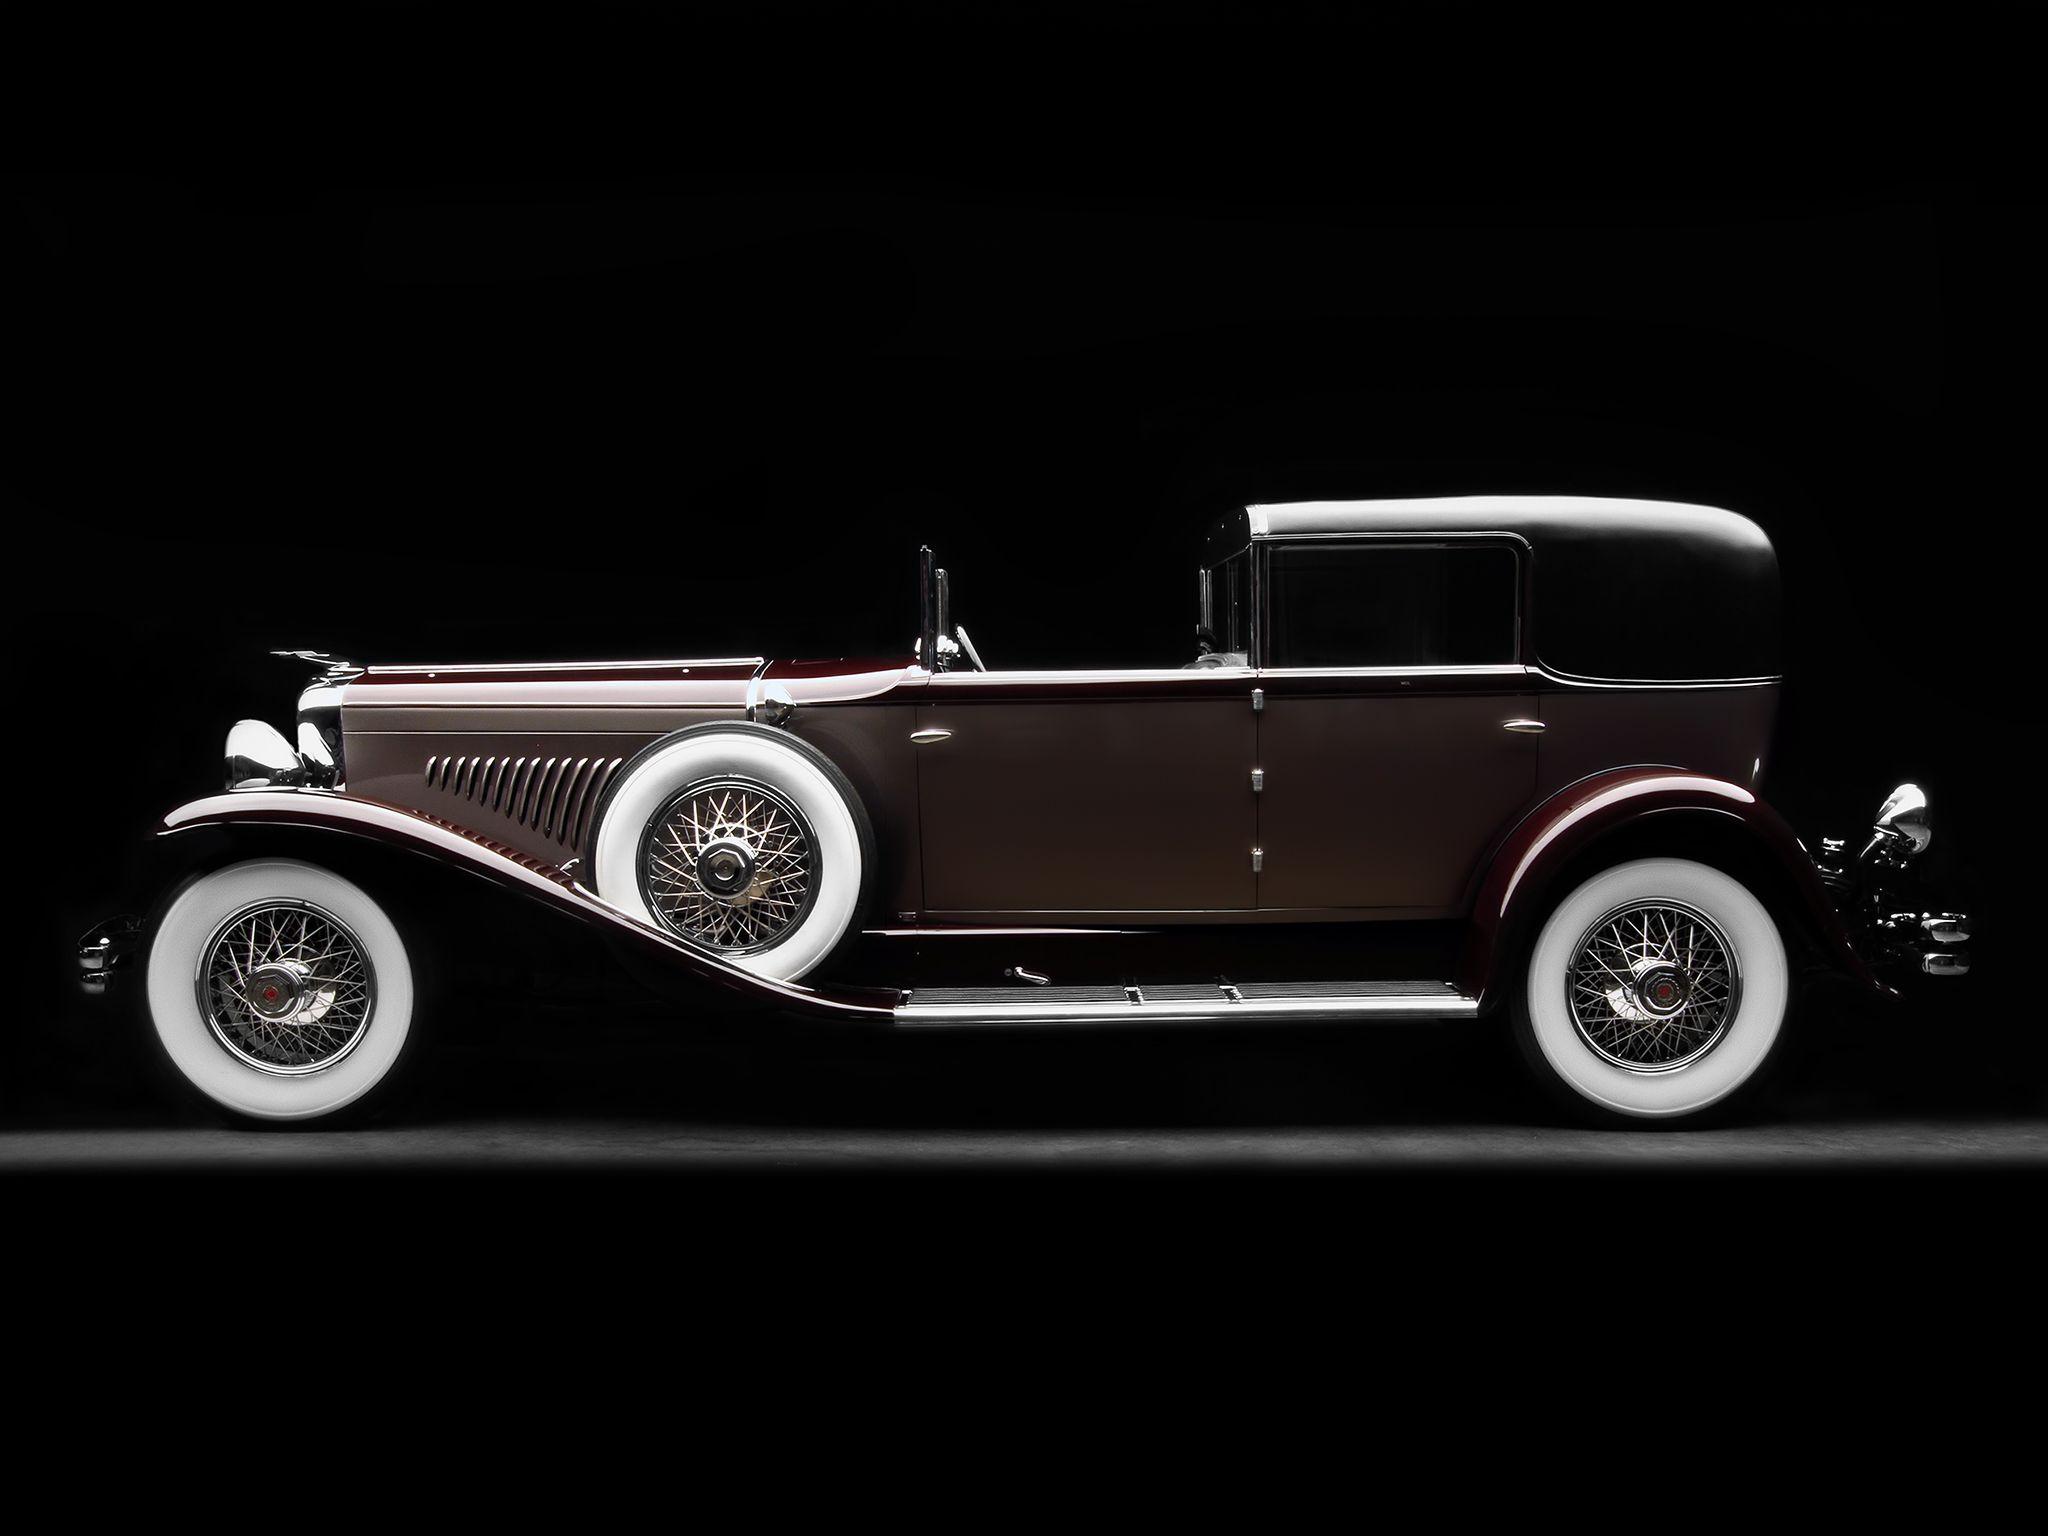 duesenberg automobile - 1930 | automobiles - duesenberg | Pinterest ...